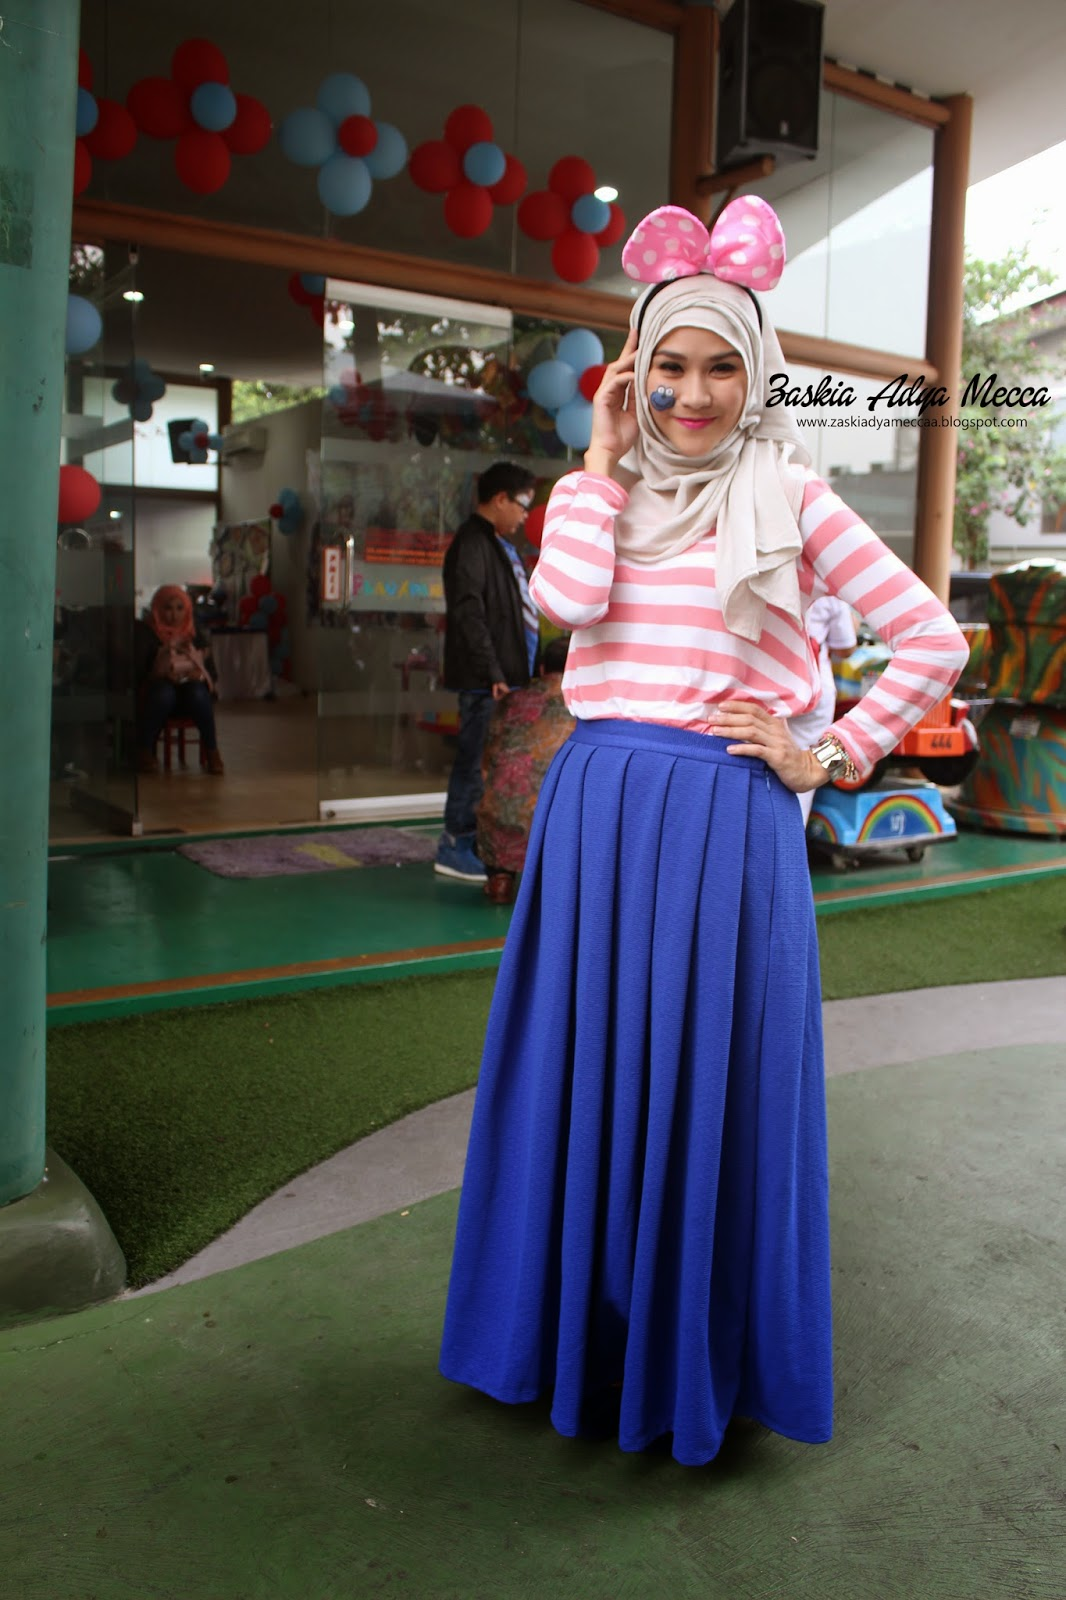 Hijab Ala Zaskia Adya Mecca Tutorial Pashmina By Anita Scarf